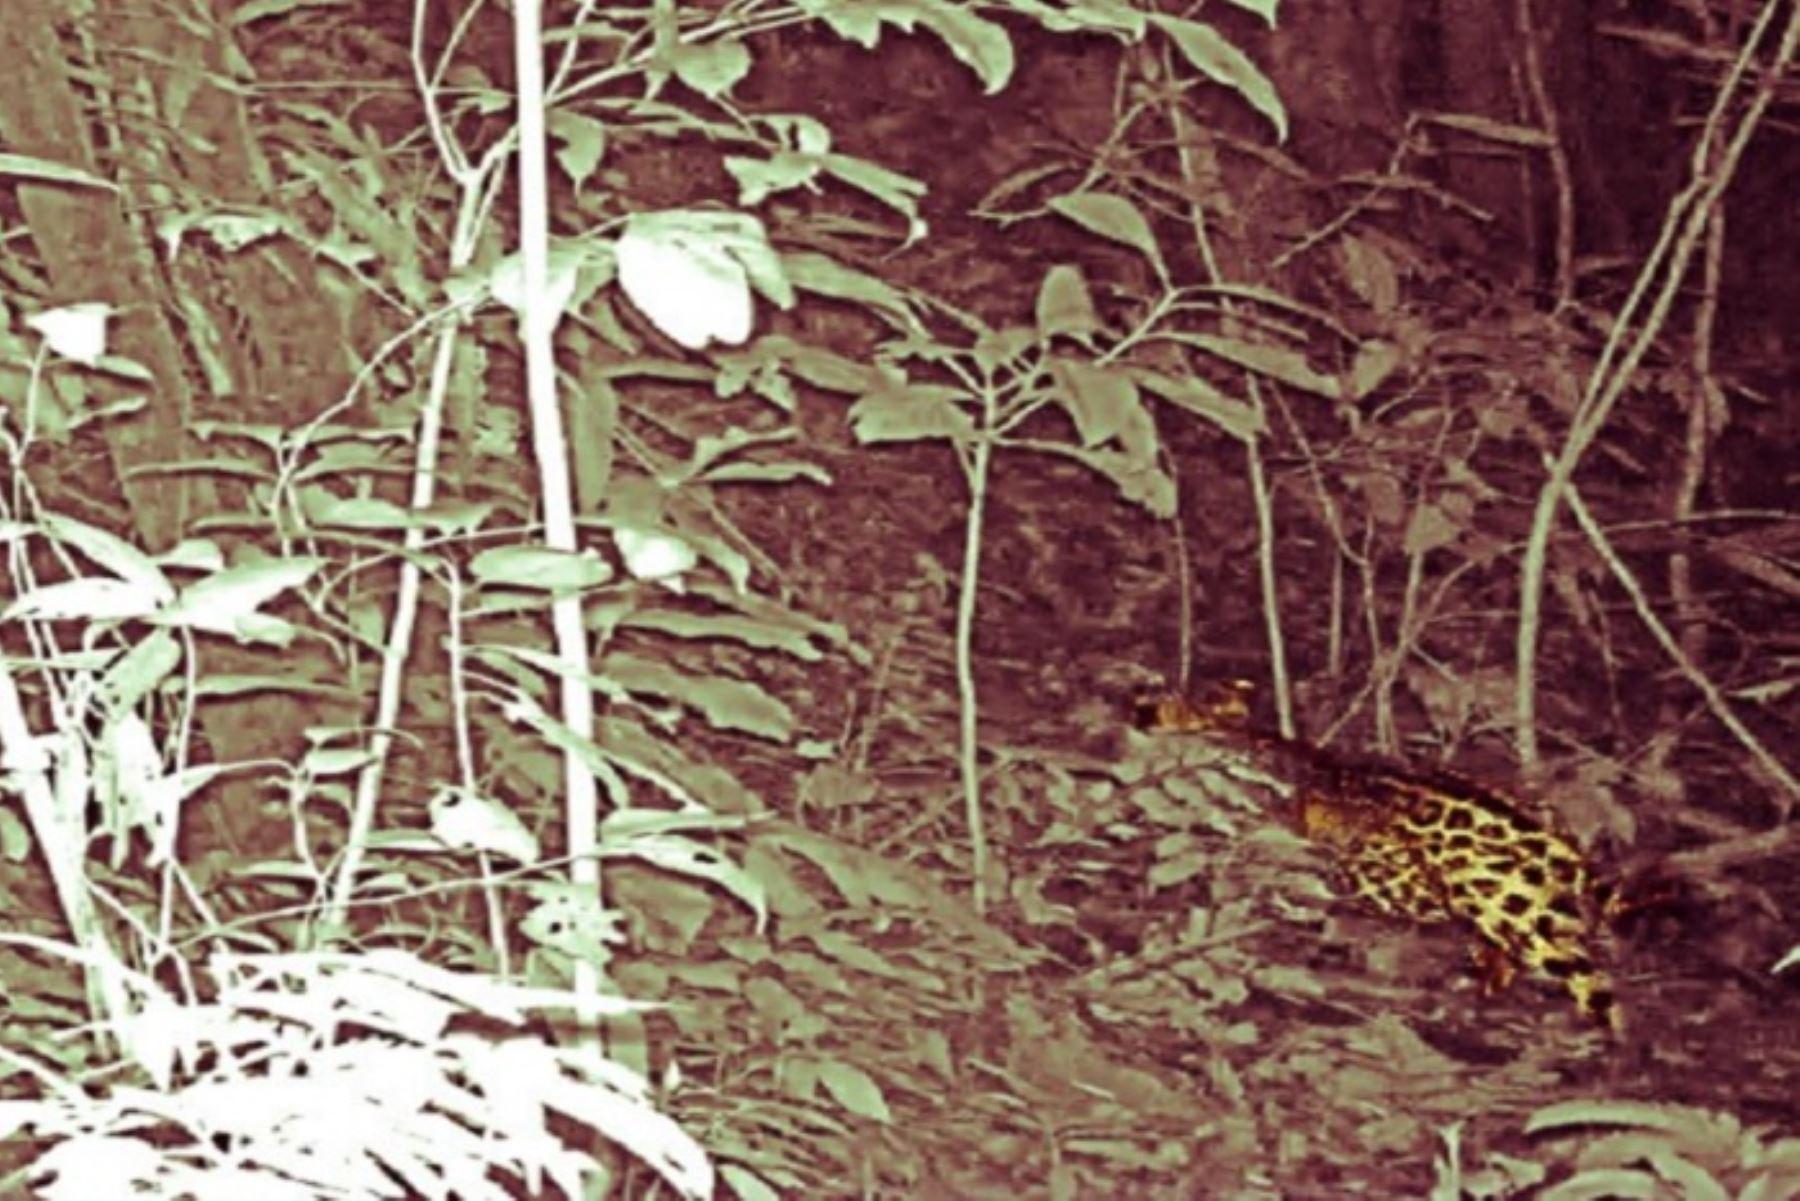 Este primer avistamiento del jaguar en el Parque Nacional de tingo María, en Huánuco, se realizó gracias al uso de cámaras trampa que fueron instaladas en el sector Río Oro, como parte del monitoreo biológico de mamíferos mayores que realiza el equipo de guardaparques de esta área natural protegida.